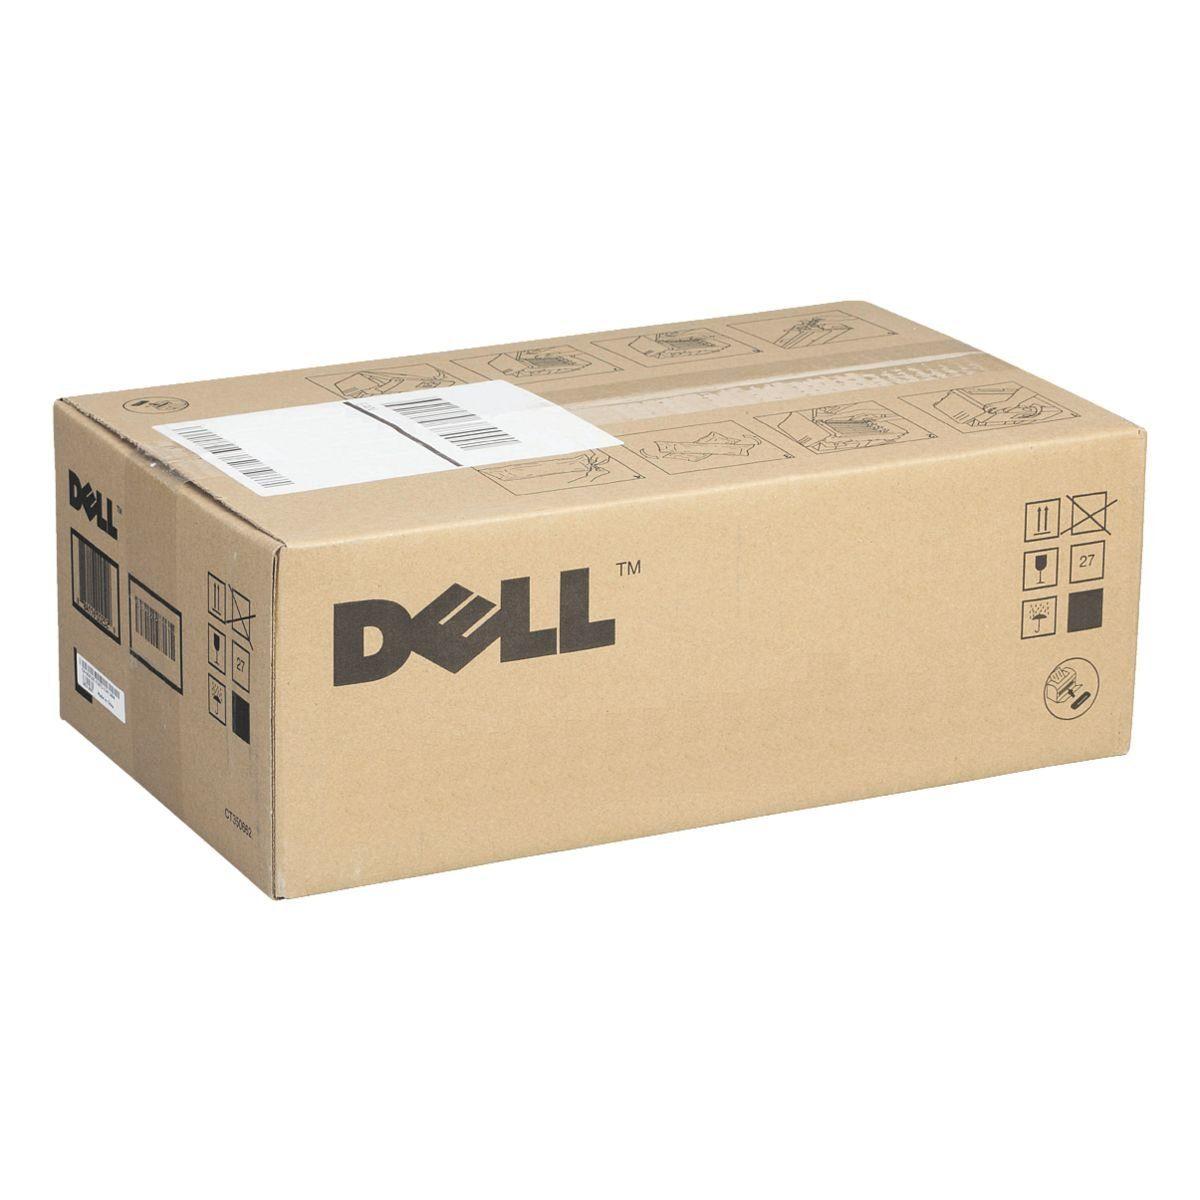 Dell Tonerkartusche »593-10237«